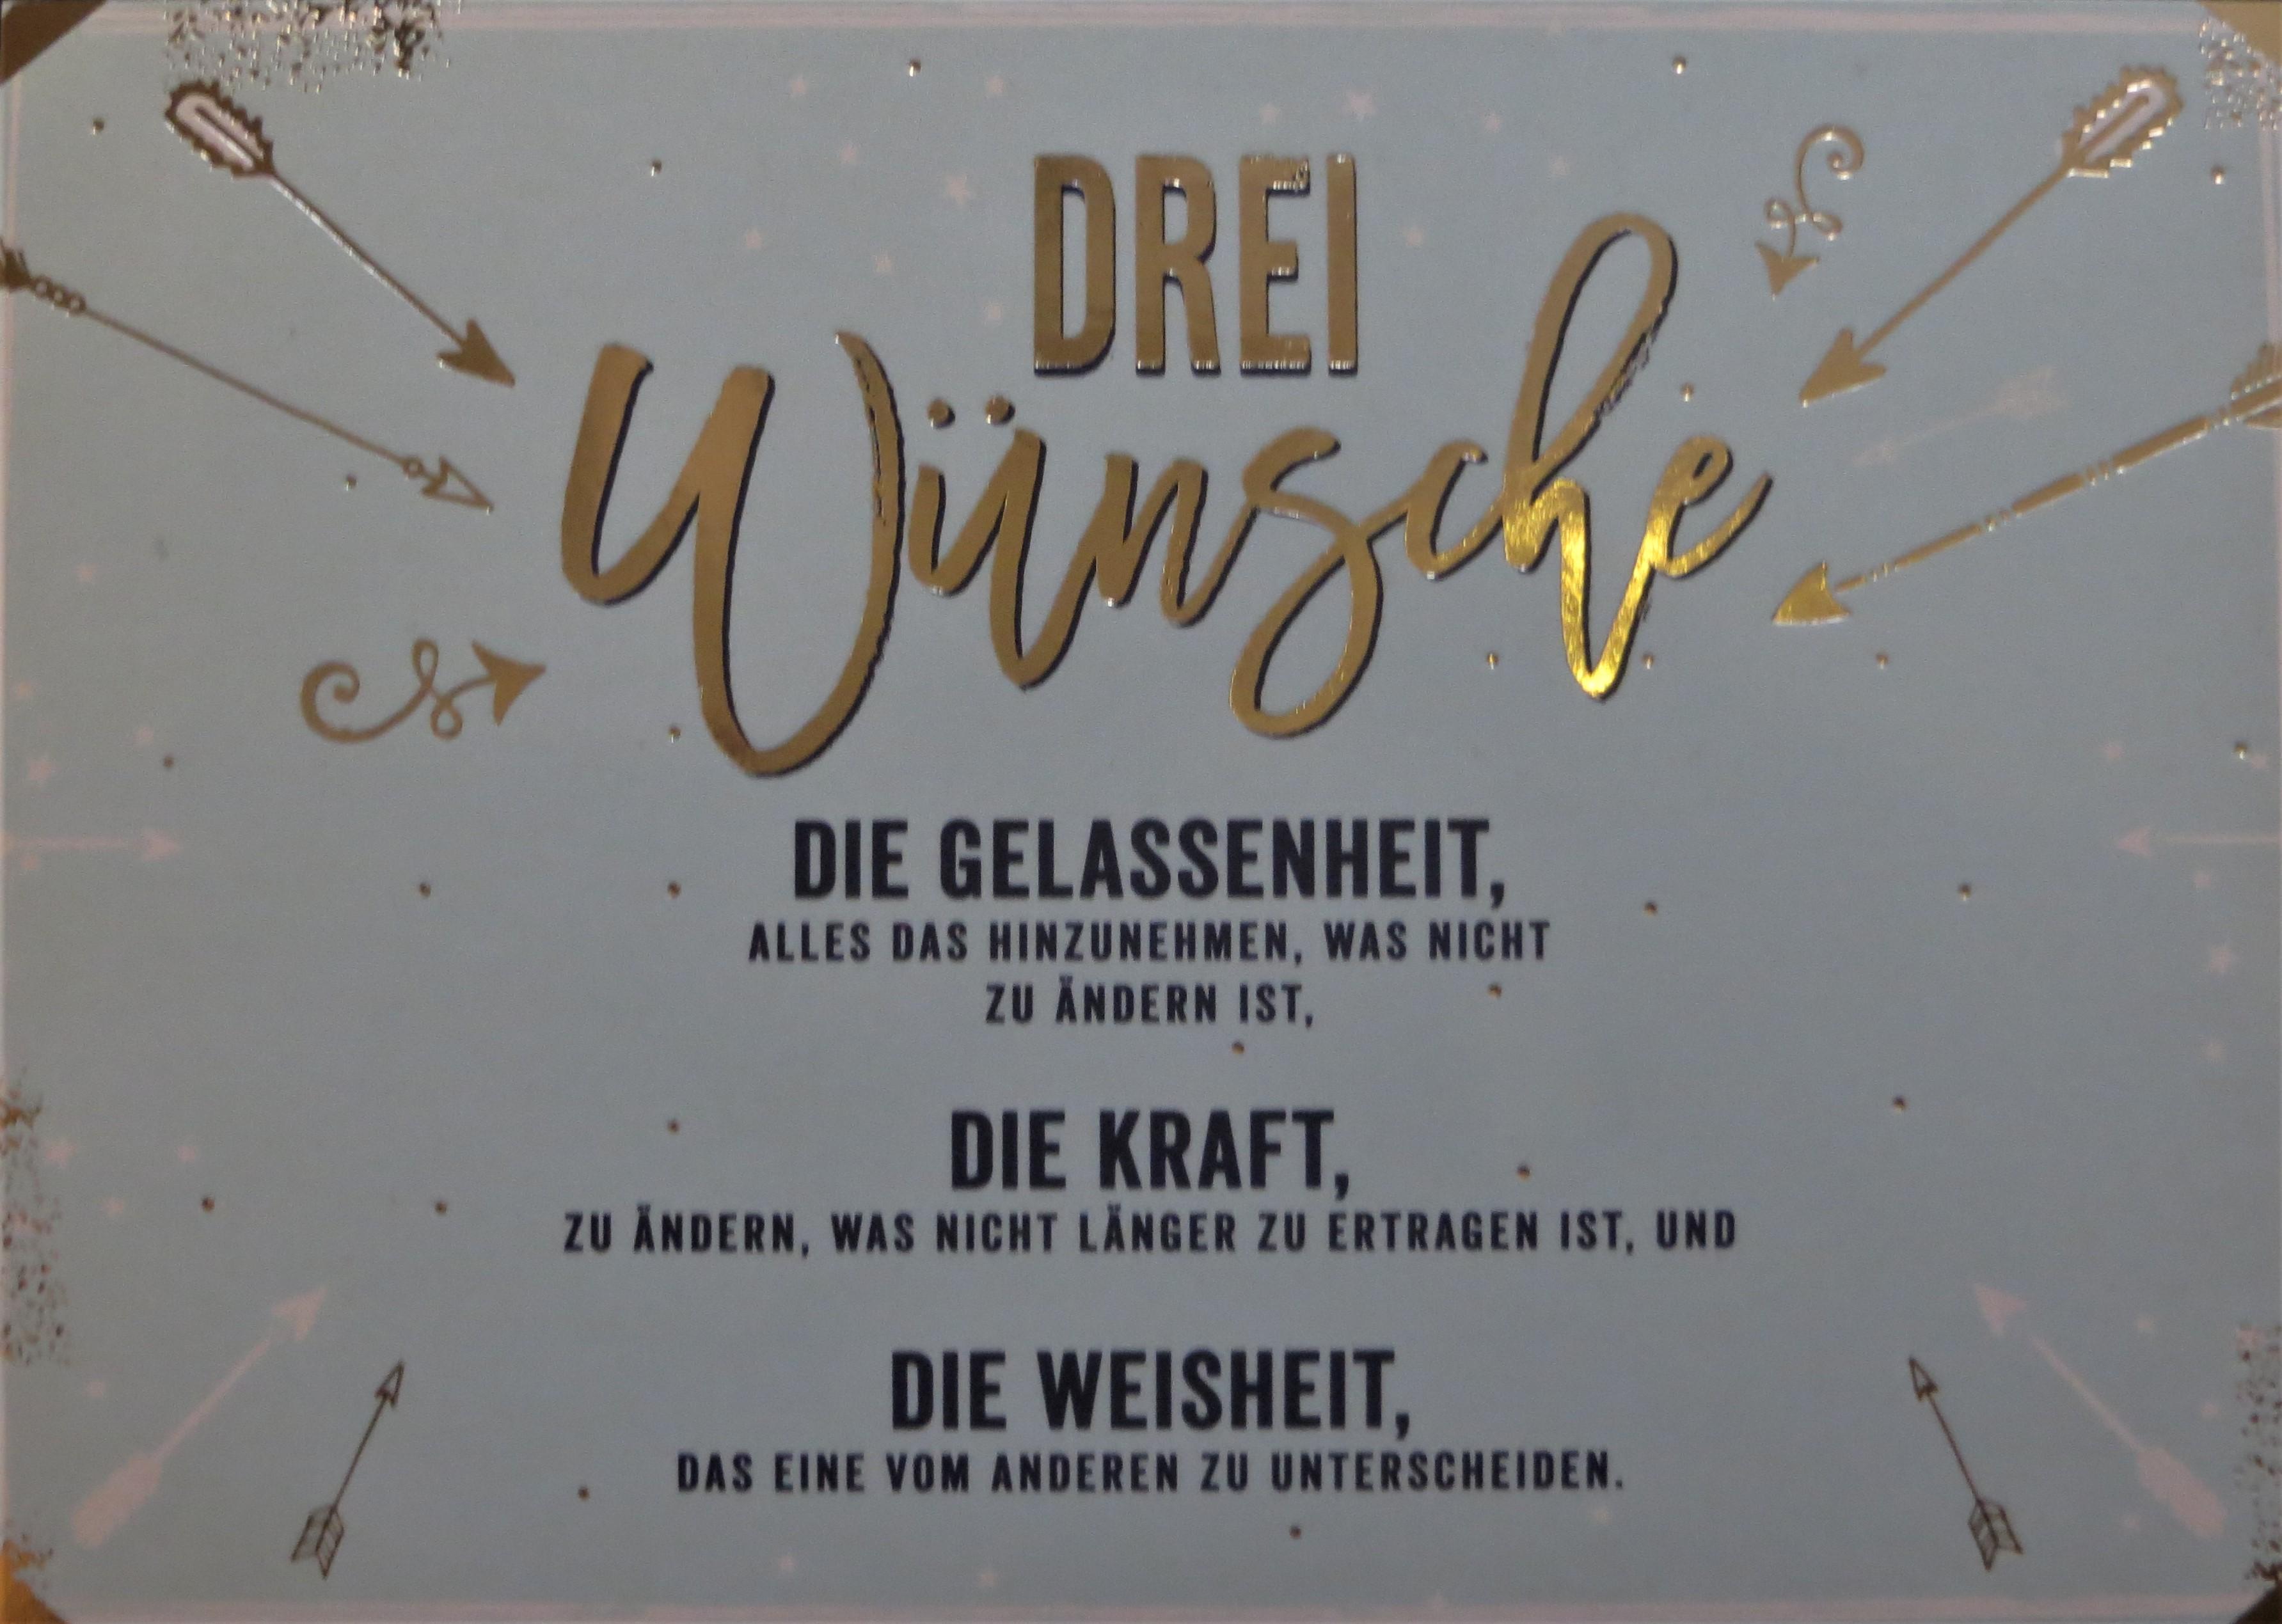 Postkarte Drei Wünsche... VintageArt